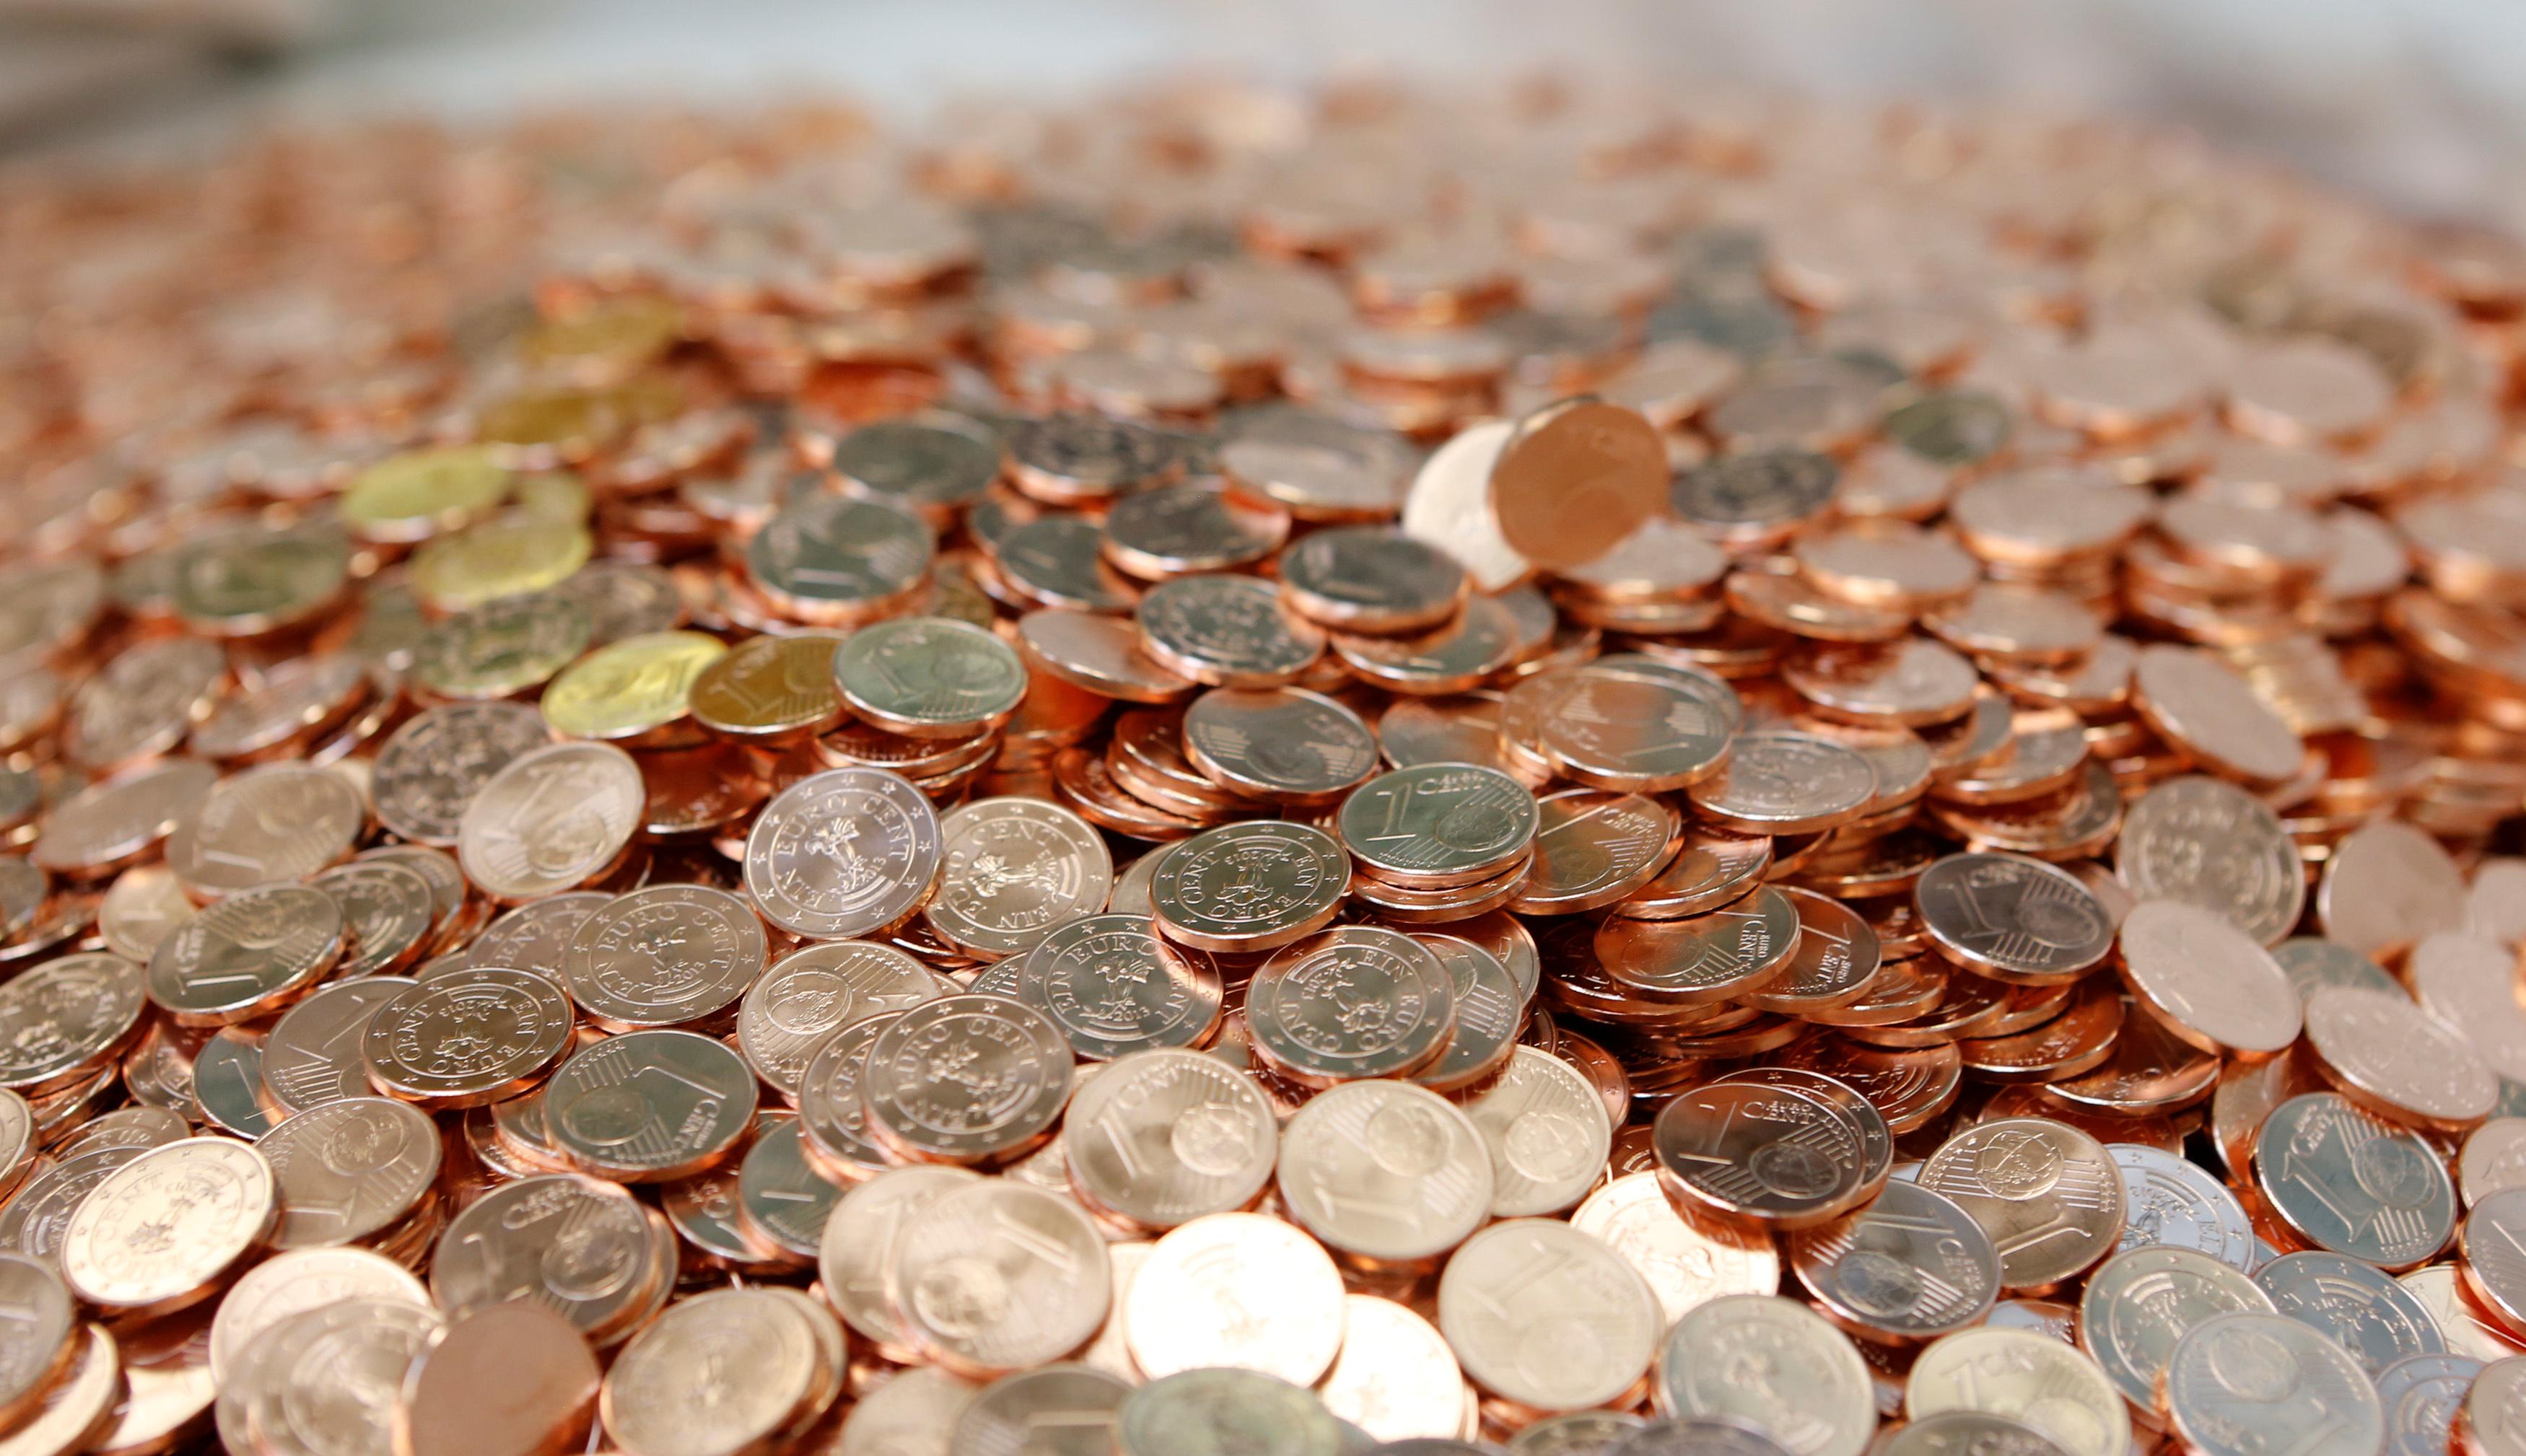 Στα 9,5 δισ. ο λογαριασμός της πανδημίας – Φόβοι επιδείνωσης έως το τέλος του έτους